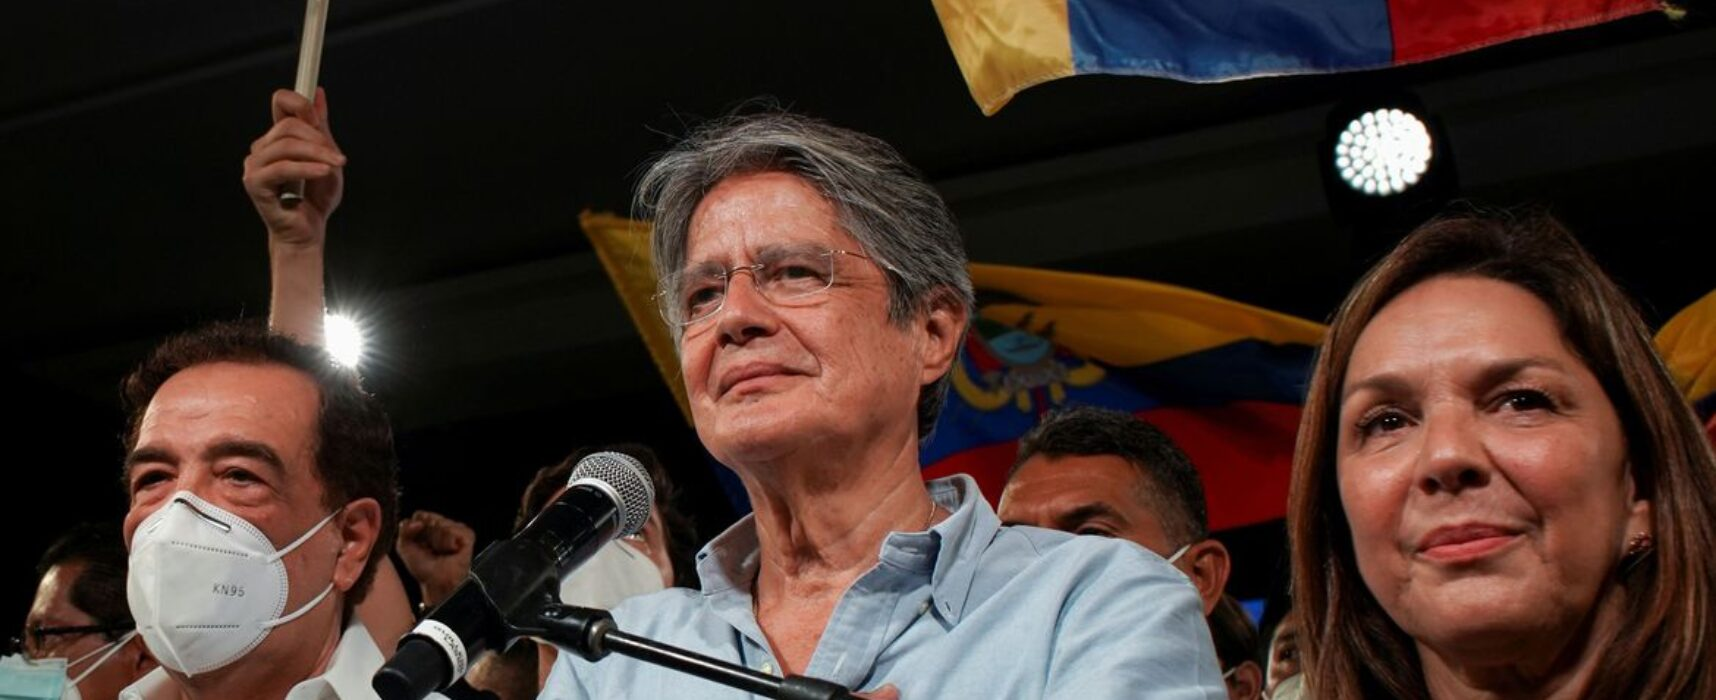 Equador: banqueiro tem vitória sobre socialista